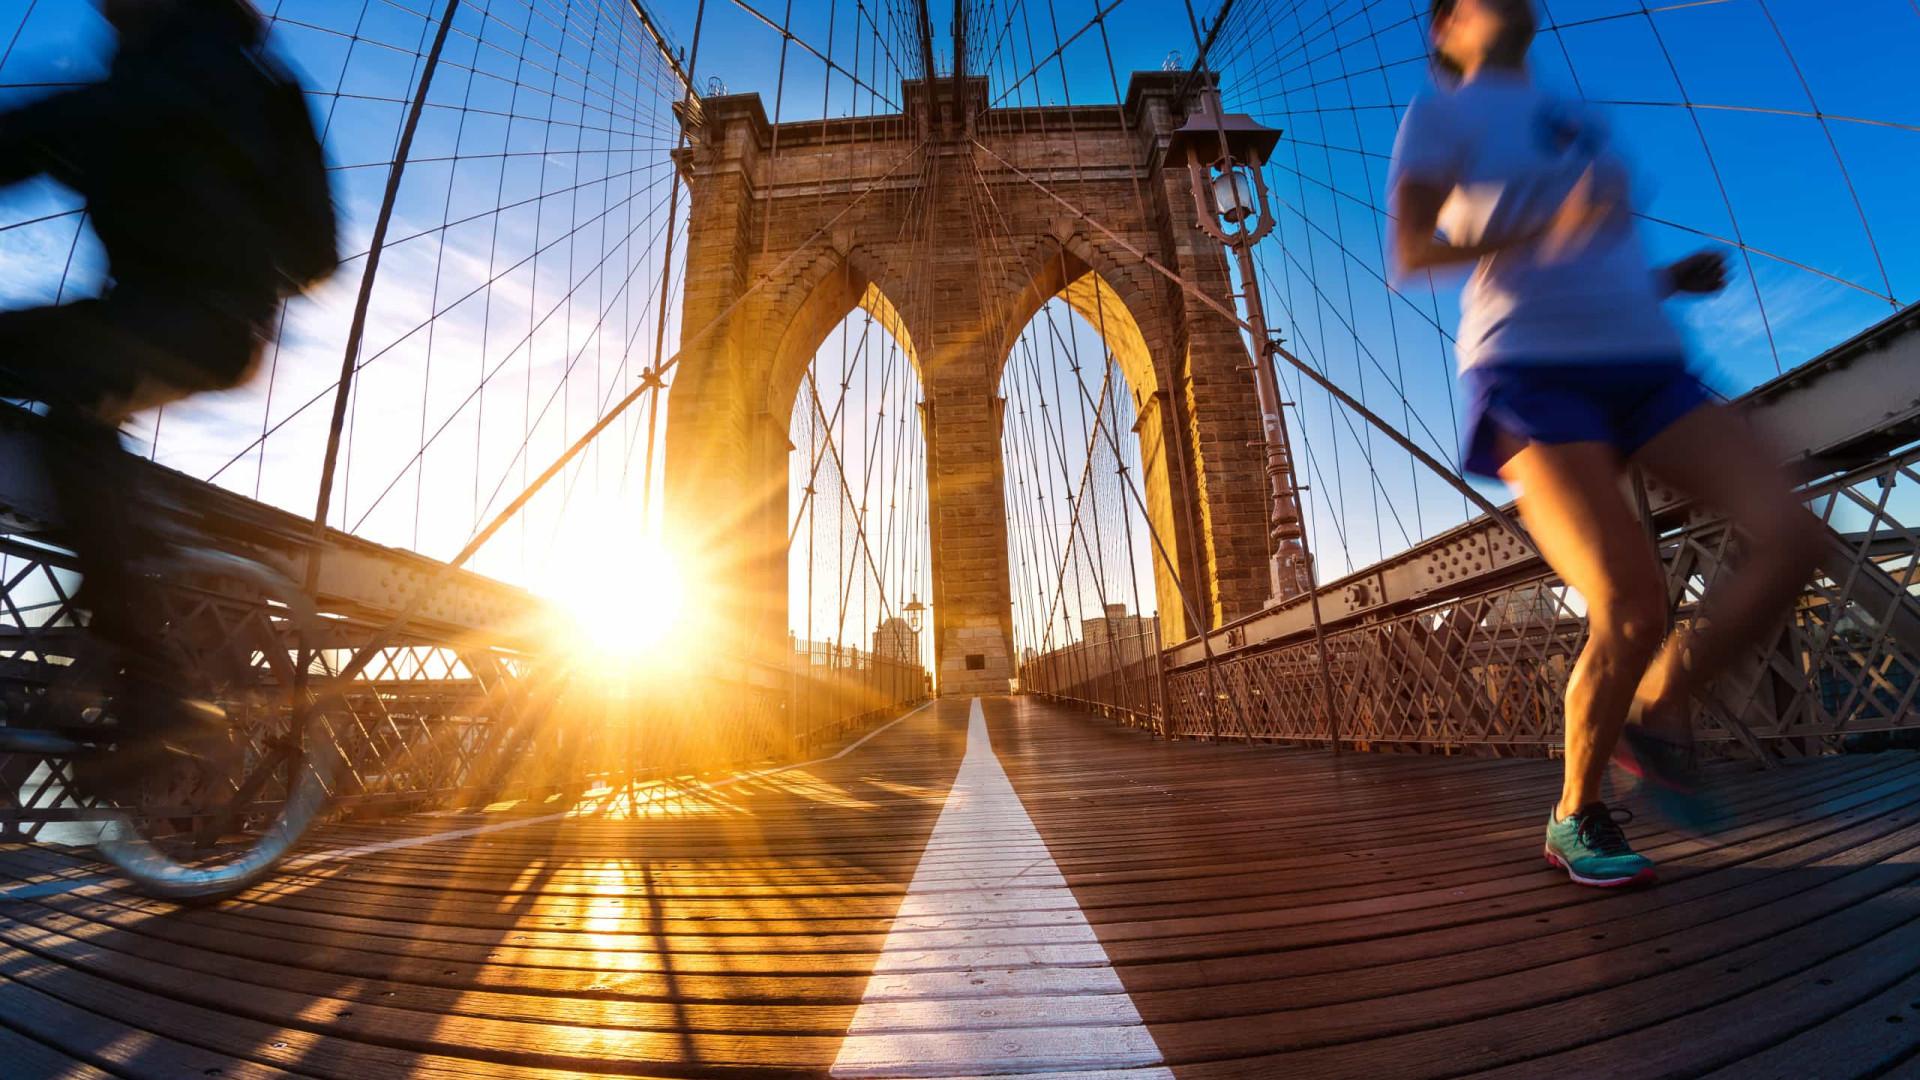 Maratona de Nova York é cancelada devido à pandemia de covid-19